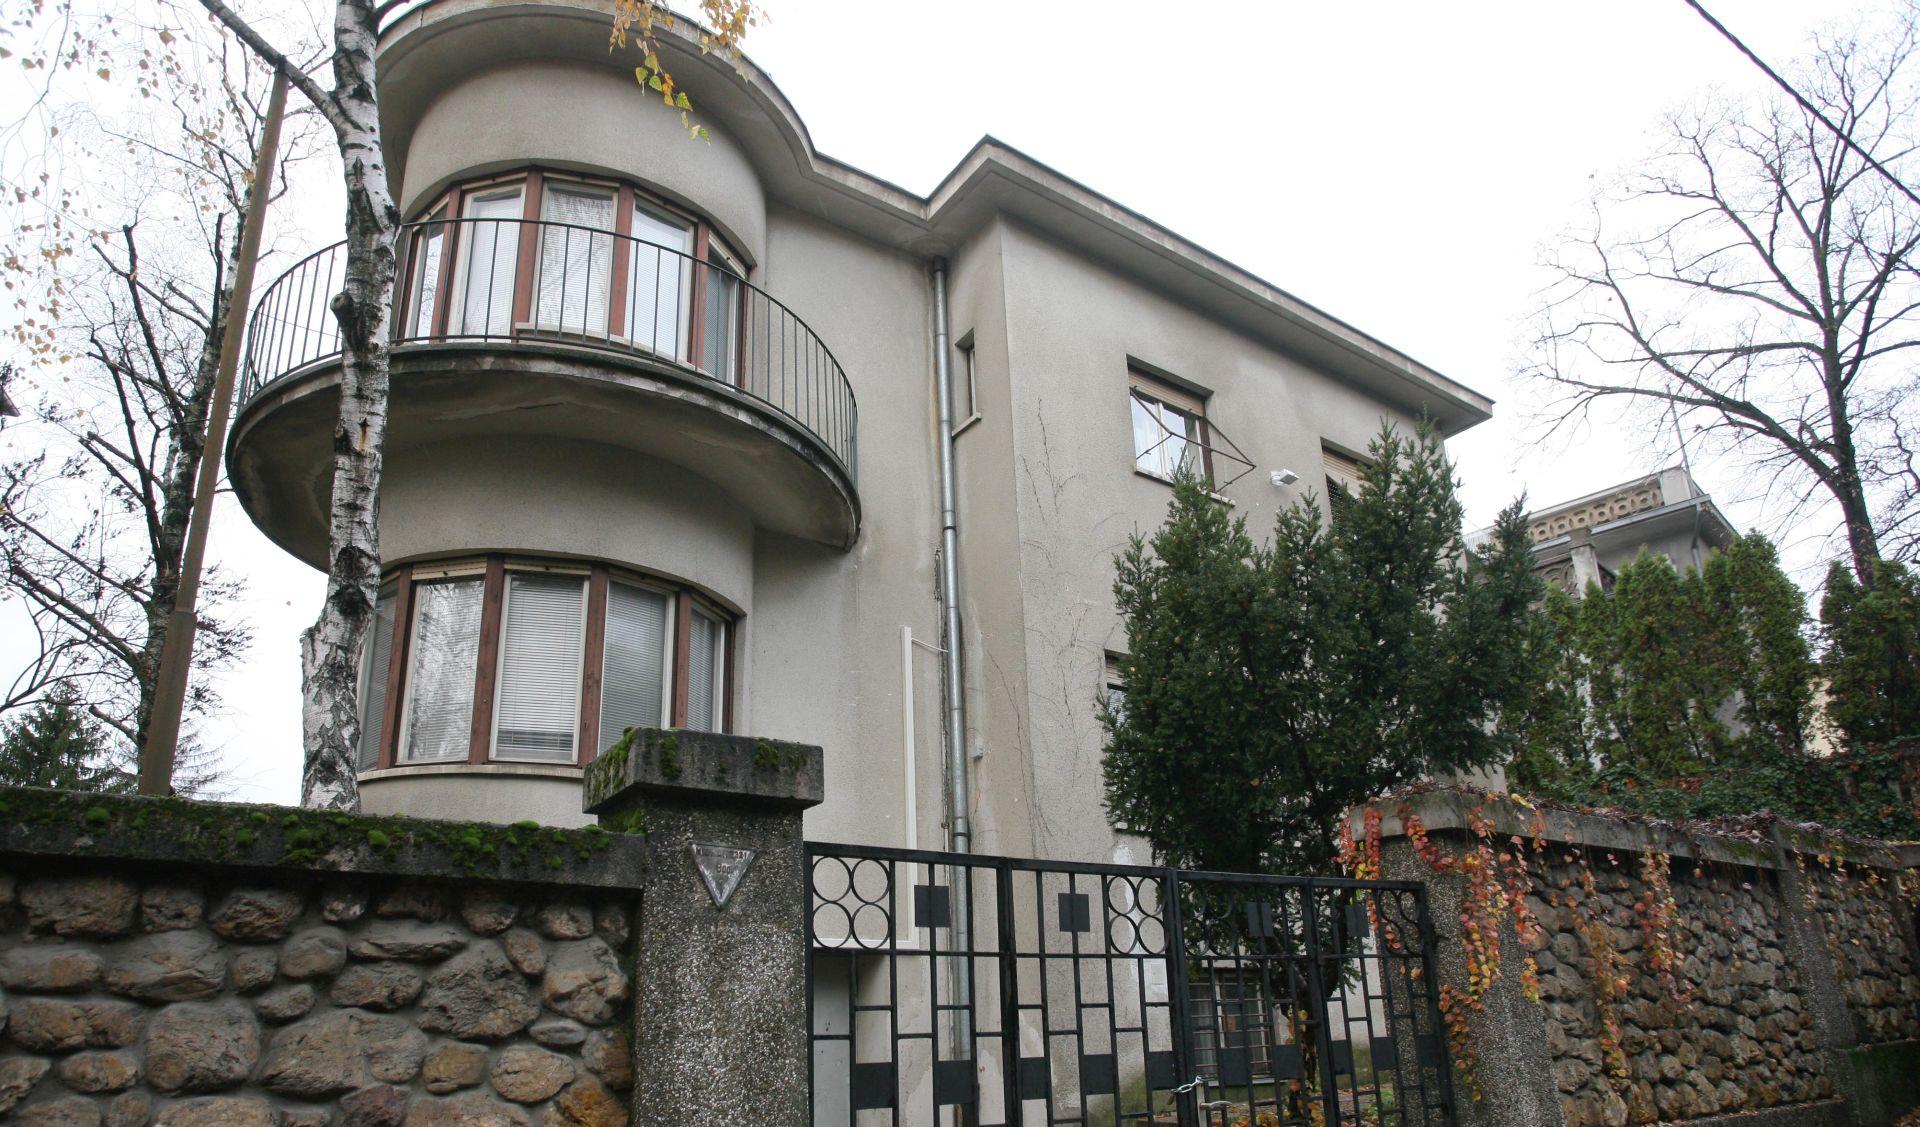 Država prodaje 12 nekretnina, među njima i vilu u Grškovićevoj